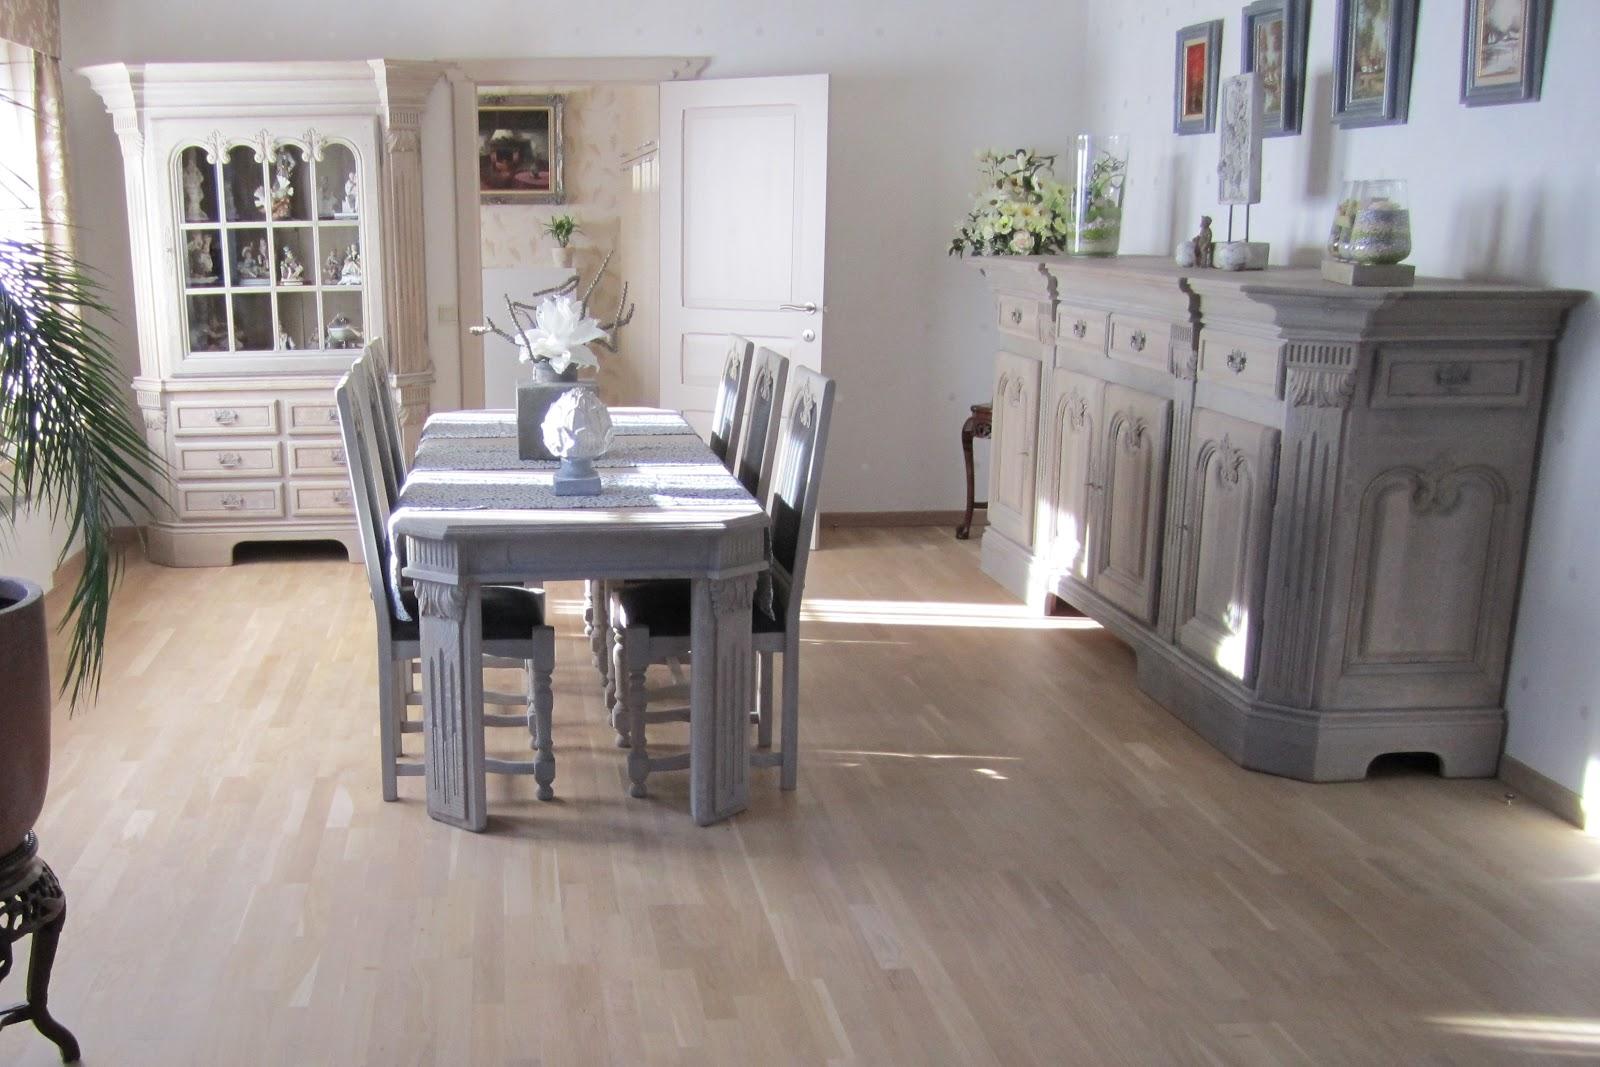 Keuken Schilderen Kosten : Vernieuwen van eiken dressoir, vitrine, tafel en stoelen